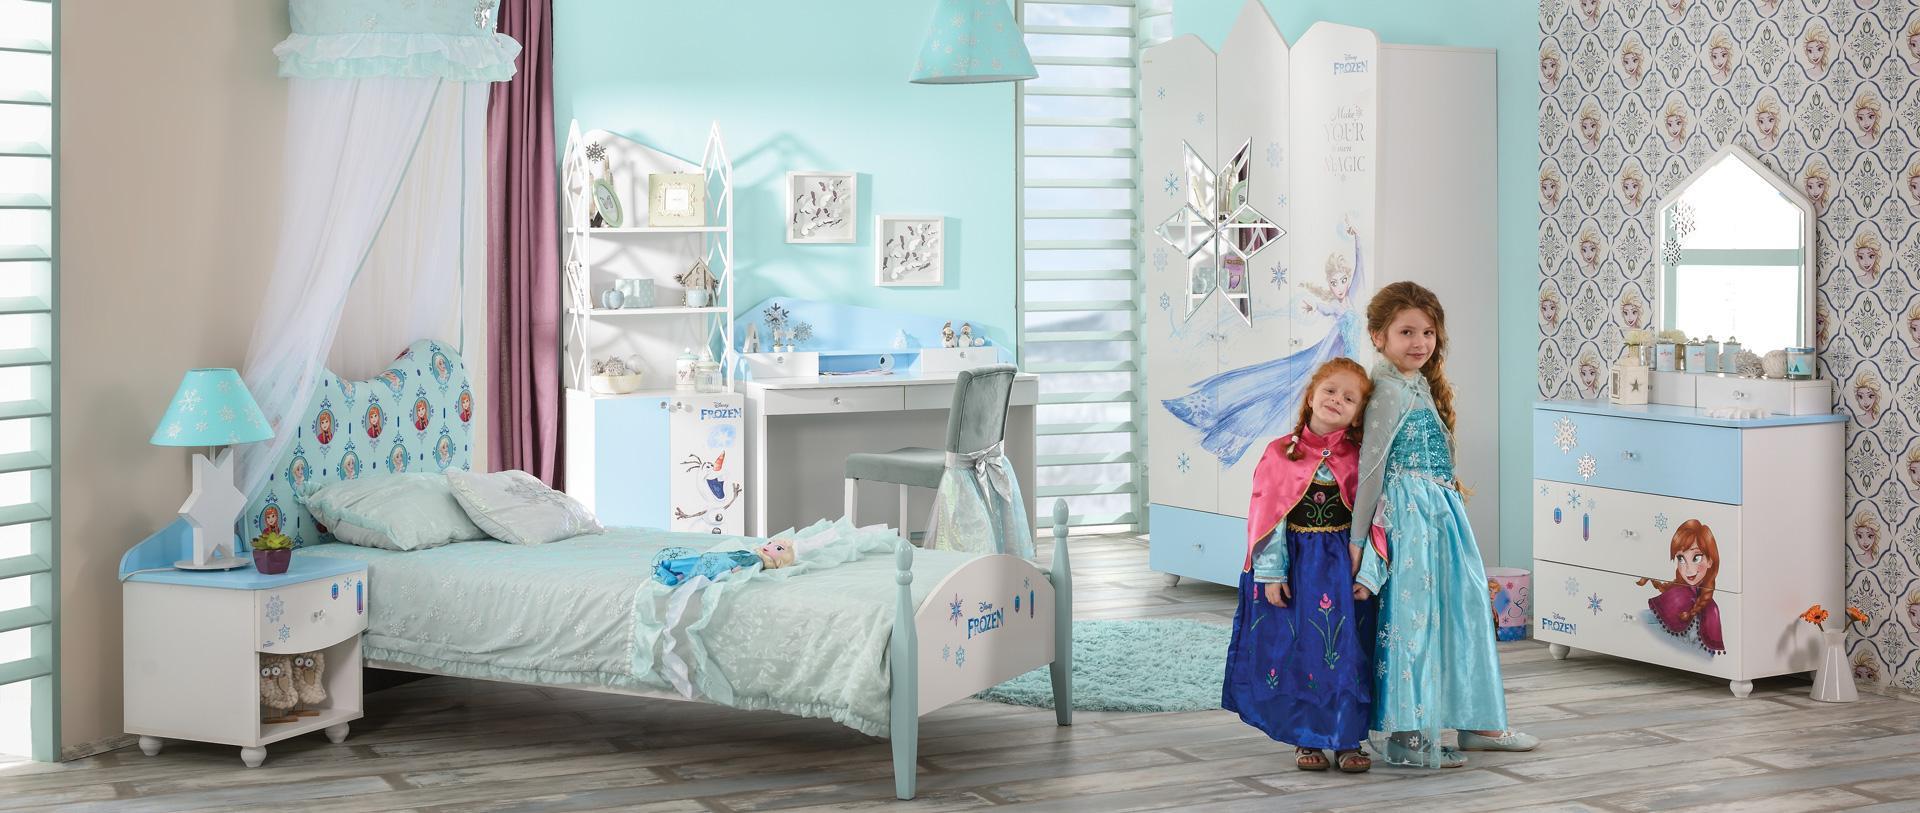 ALFEMO KIDS&TEENS DISNEY FROZEN YOUNG ROOM